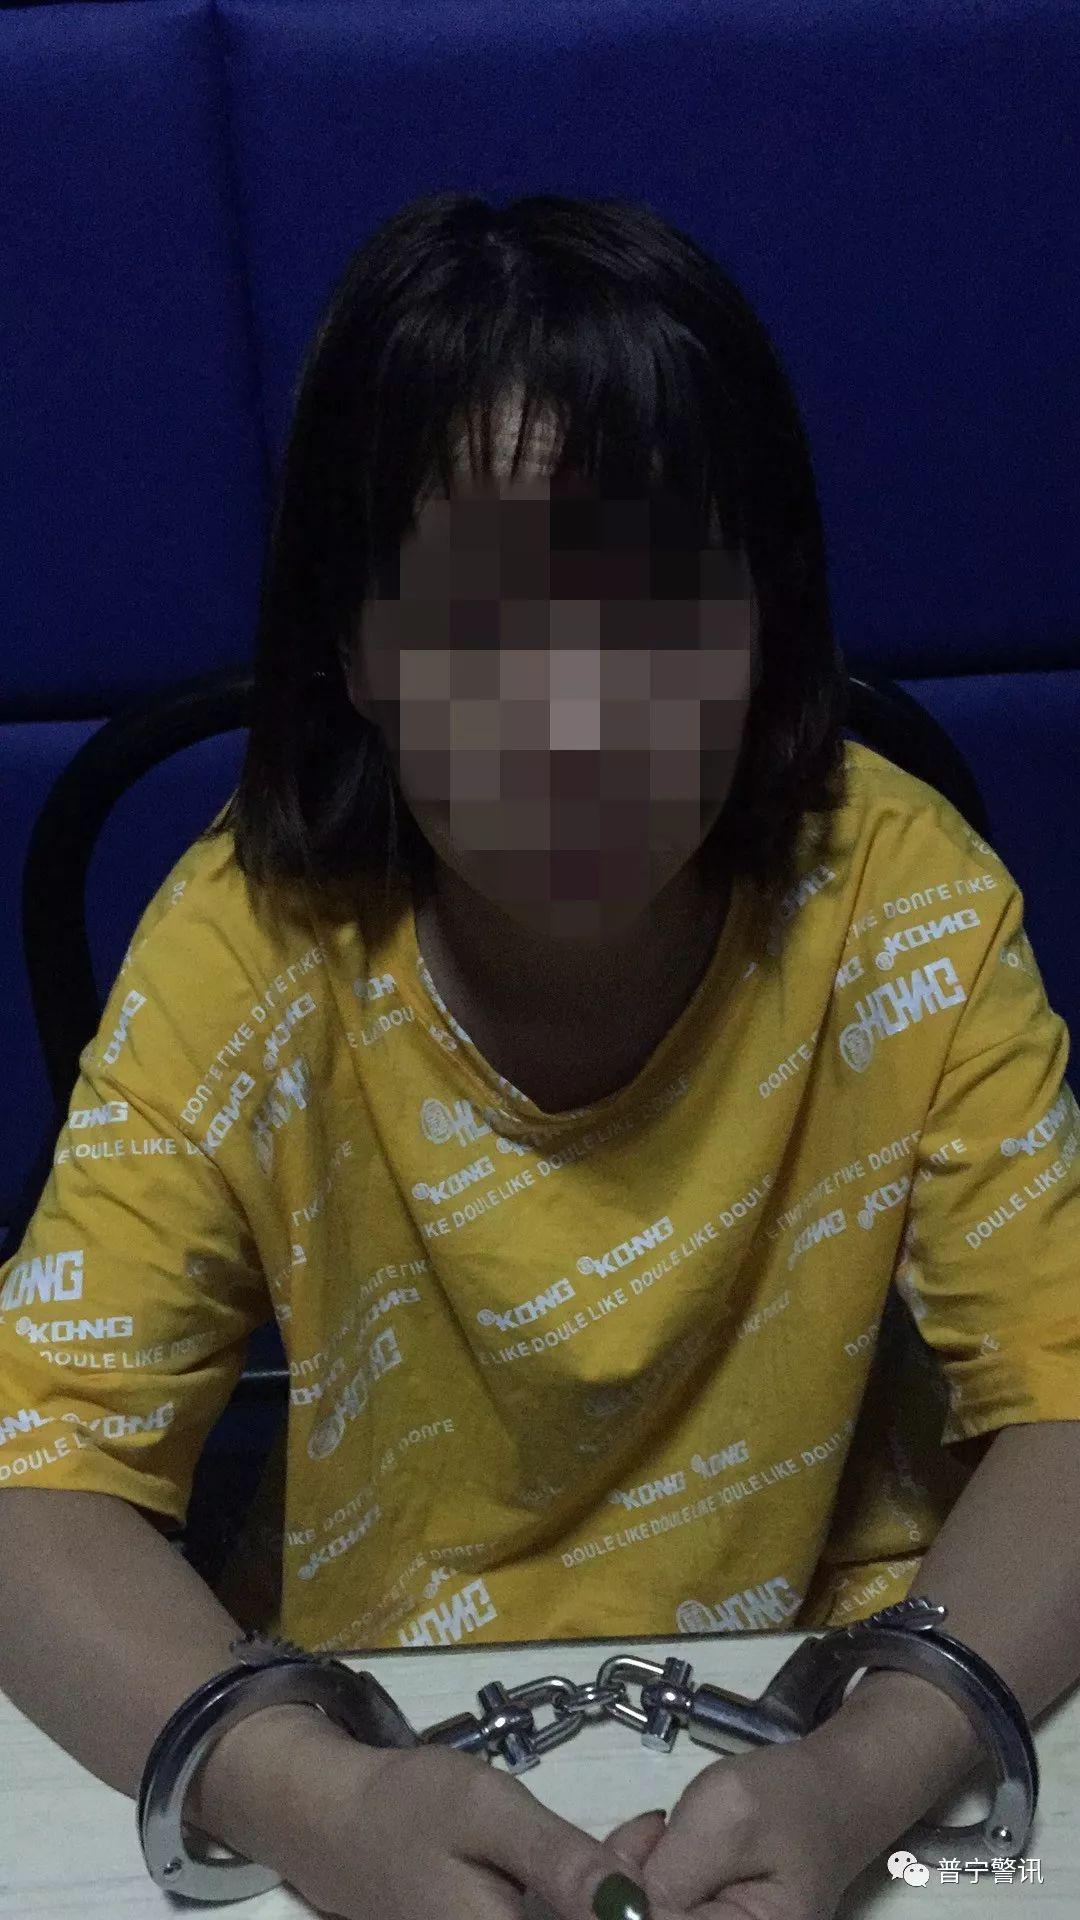 滚动:普宁一男子报案称女友被盗14万现金,警方却把他女友抓了!